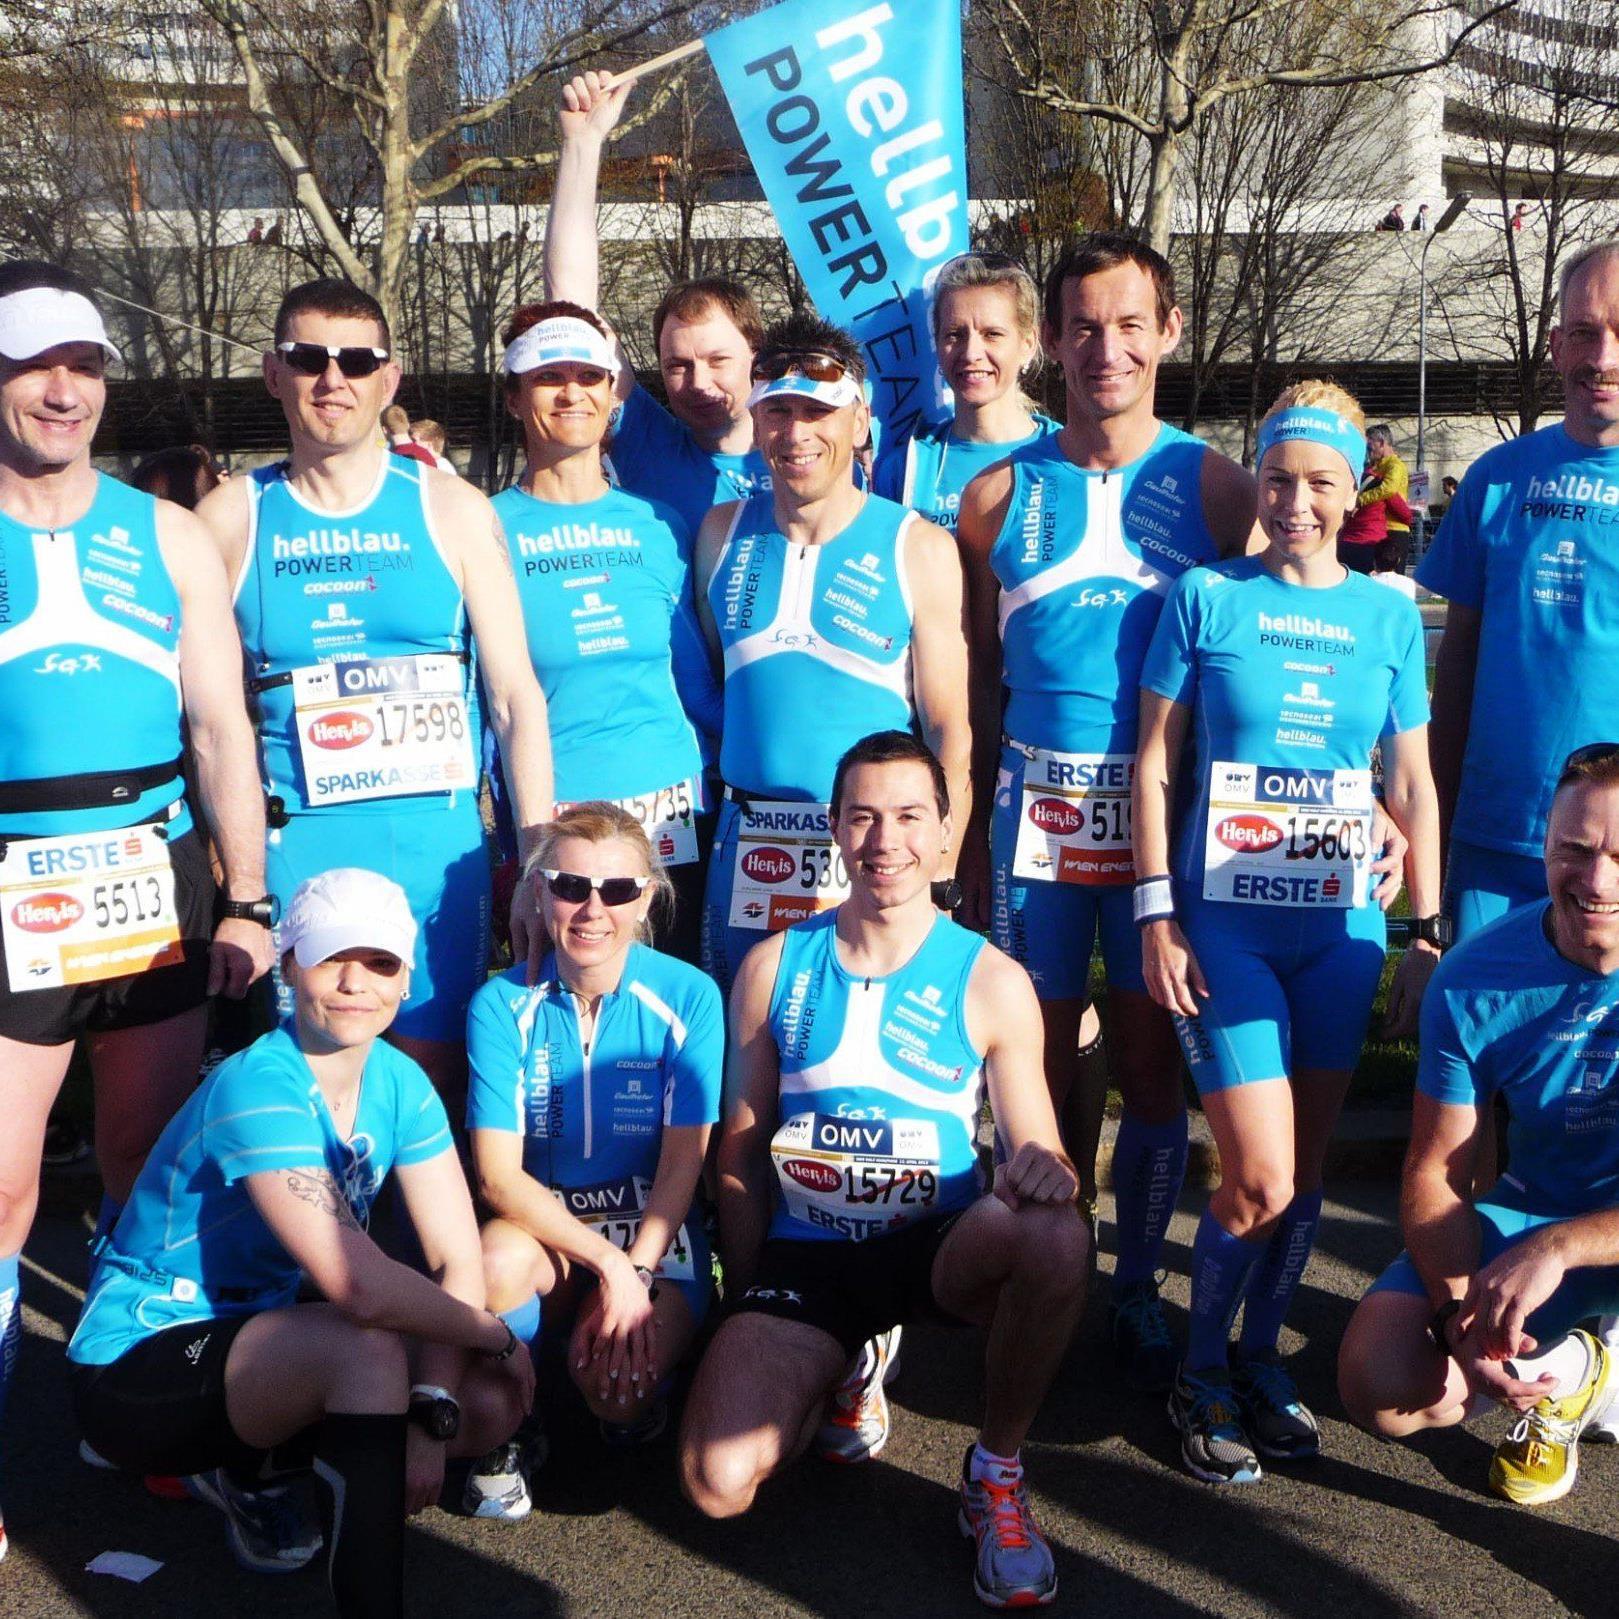 24 Athleten vom hellblau Powerteam sind in Lissabon beim Halbmarathon am Start.